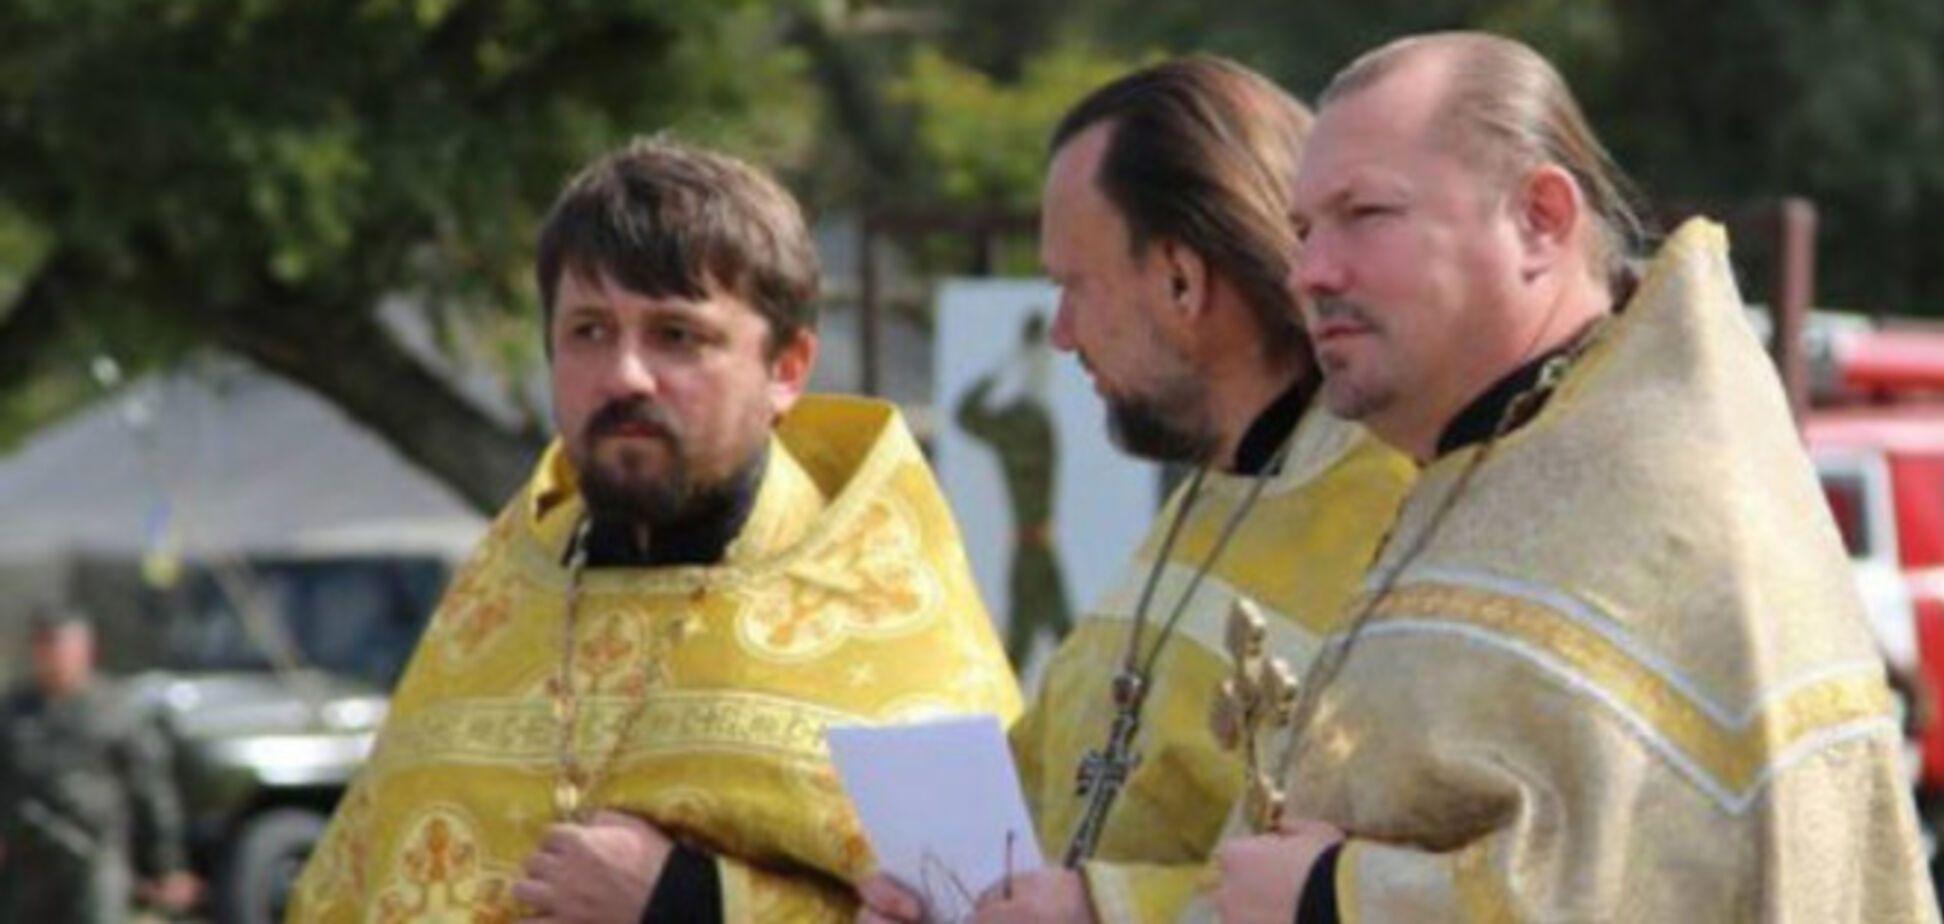 В зоне АТО пропал военный священник: местные видели, как его избивали боевики 'ДНР'